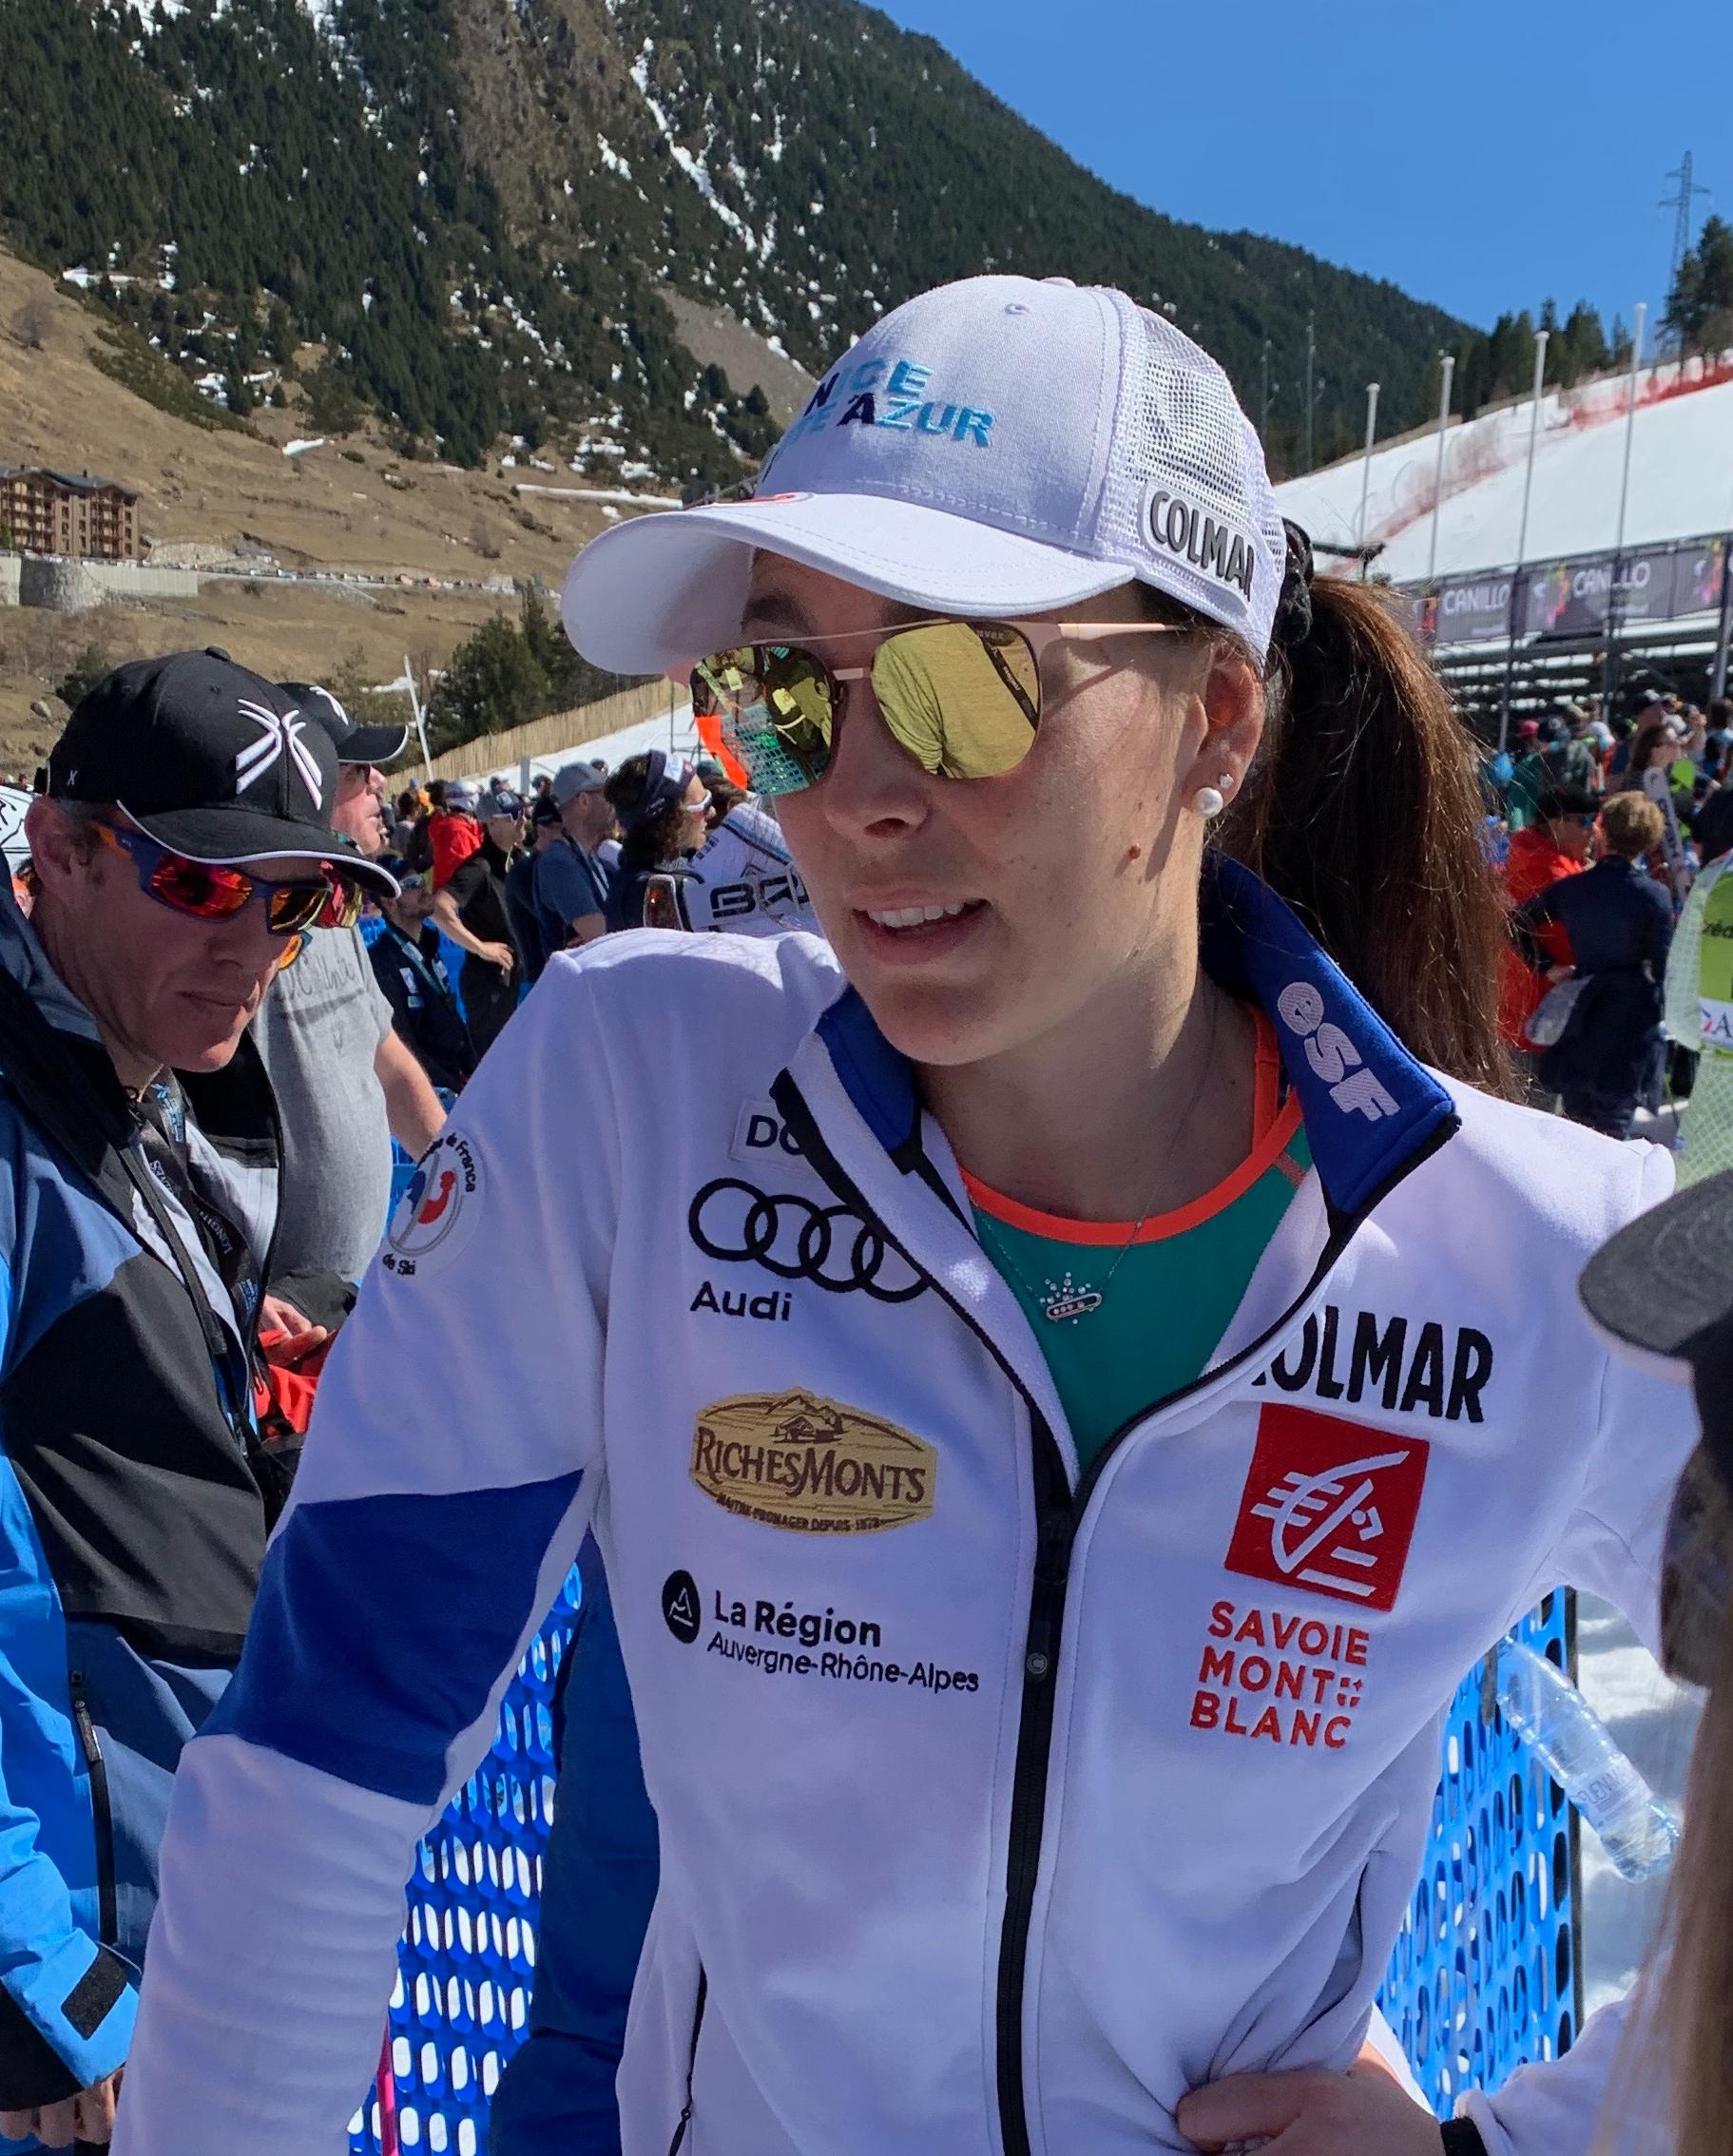 Nastasia Noens - Foto Hablamos de esquí